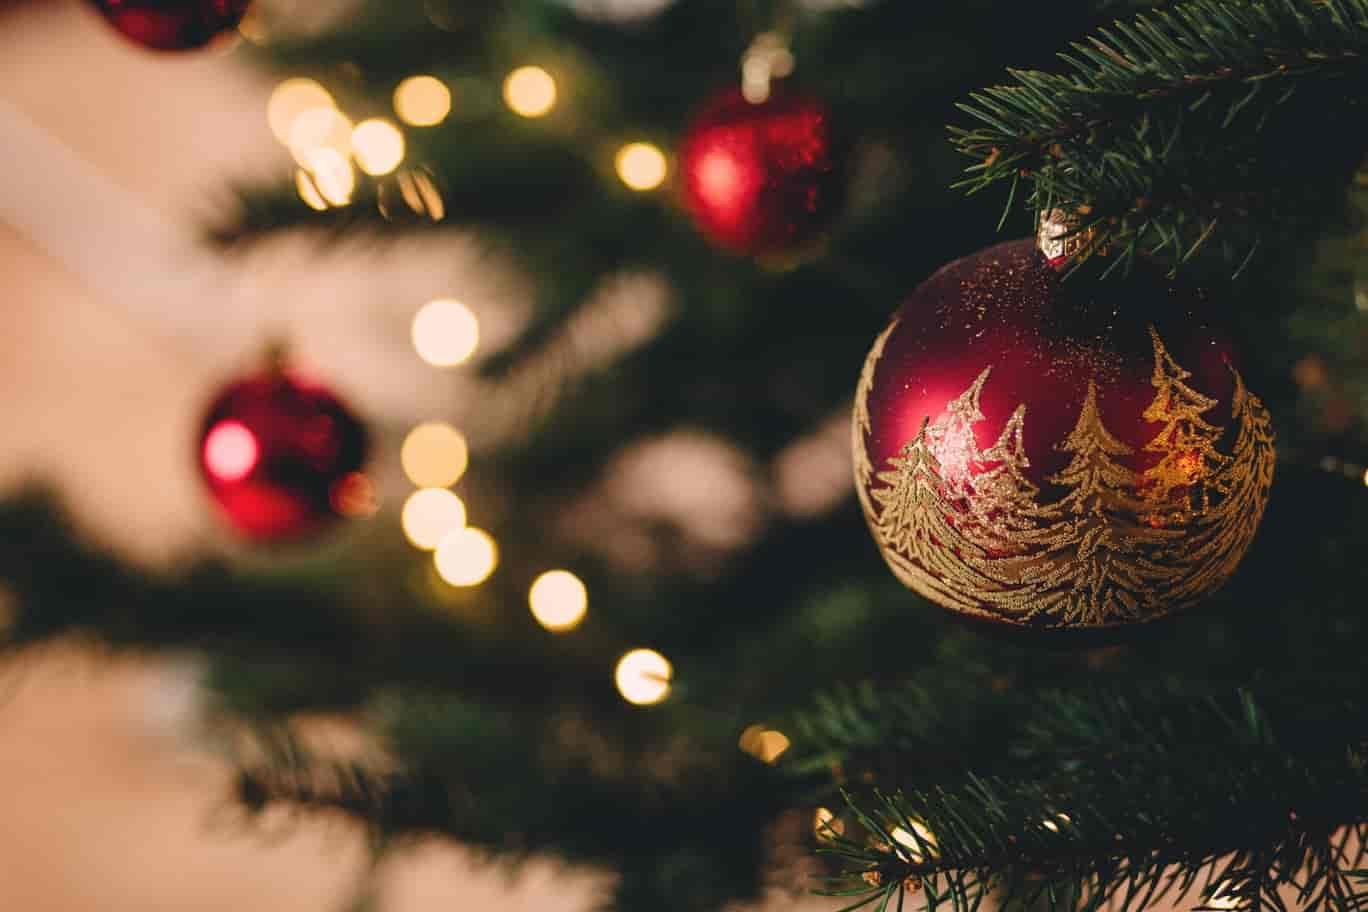 Uitbreiding van Het Tumult kerstspel 2018